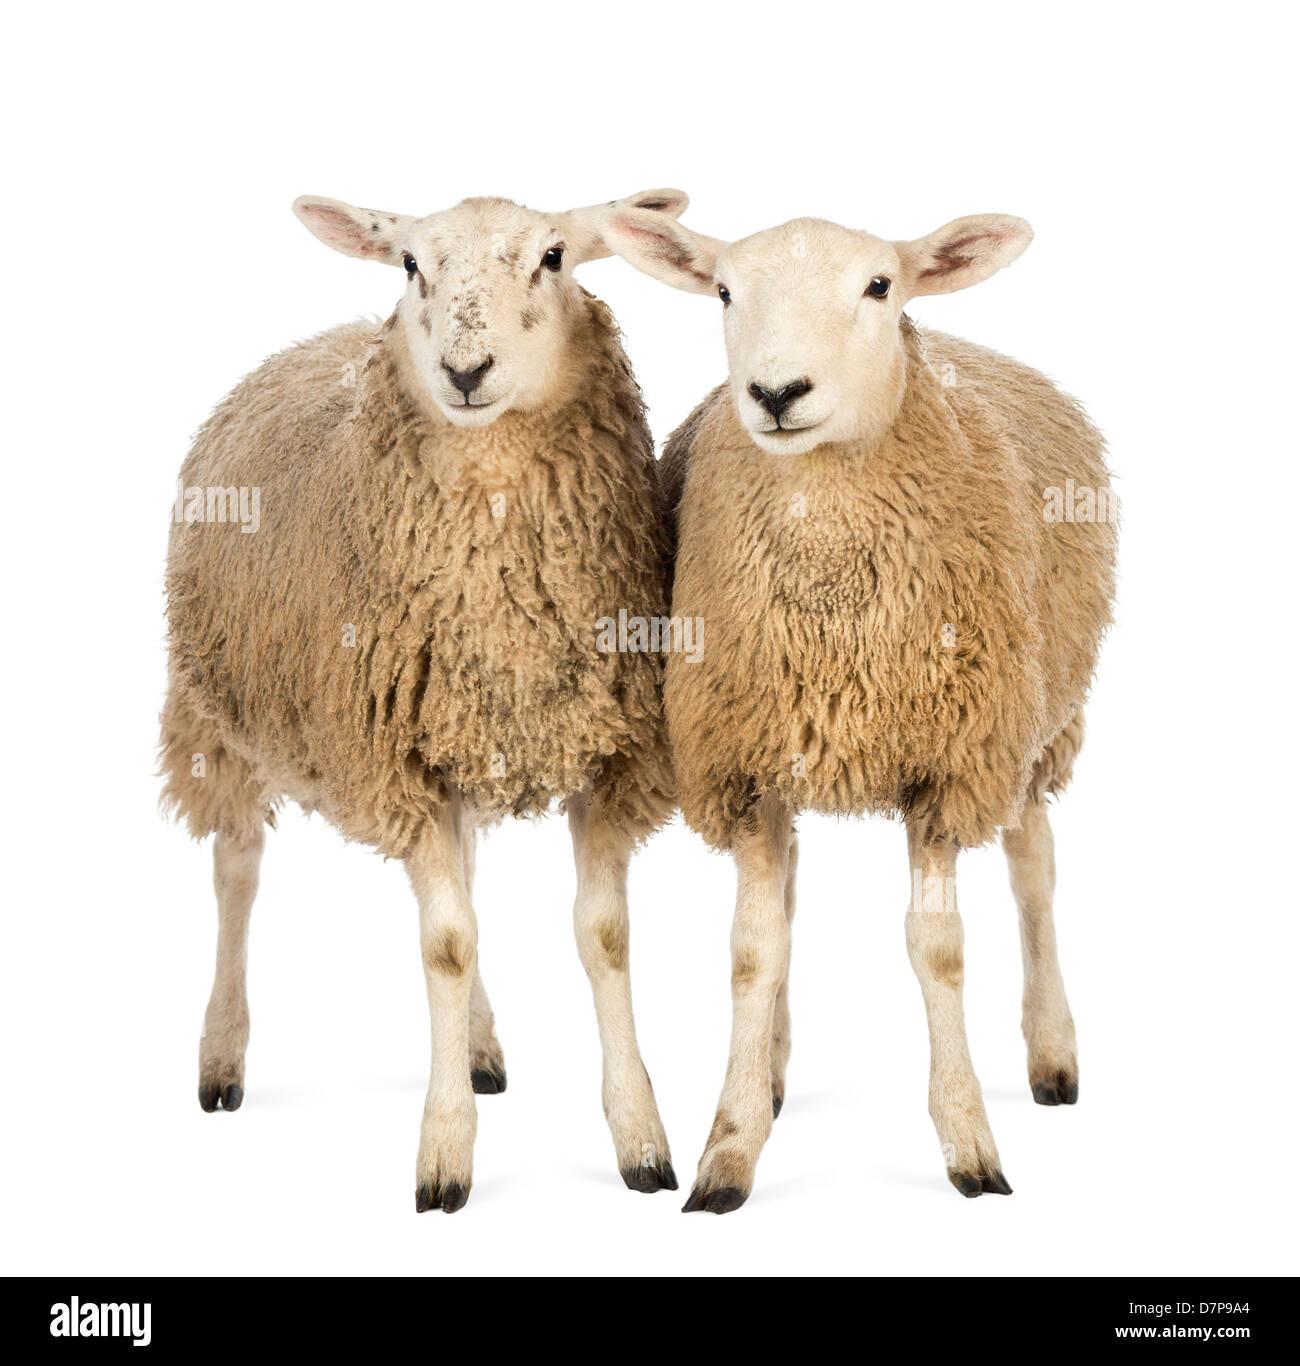 Due pecore in piedi di fronte a uno sfondo bianco Immagini Stock